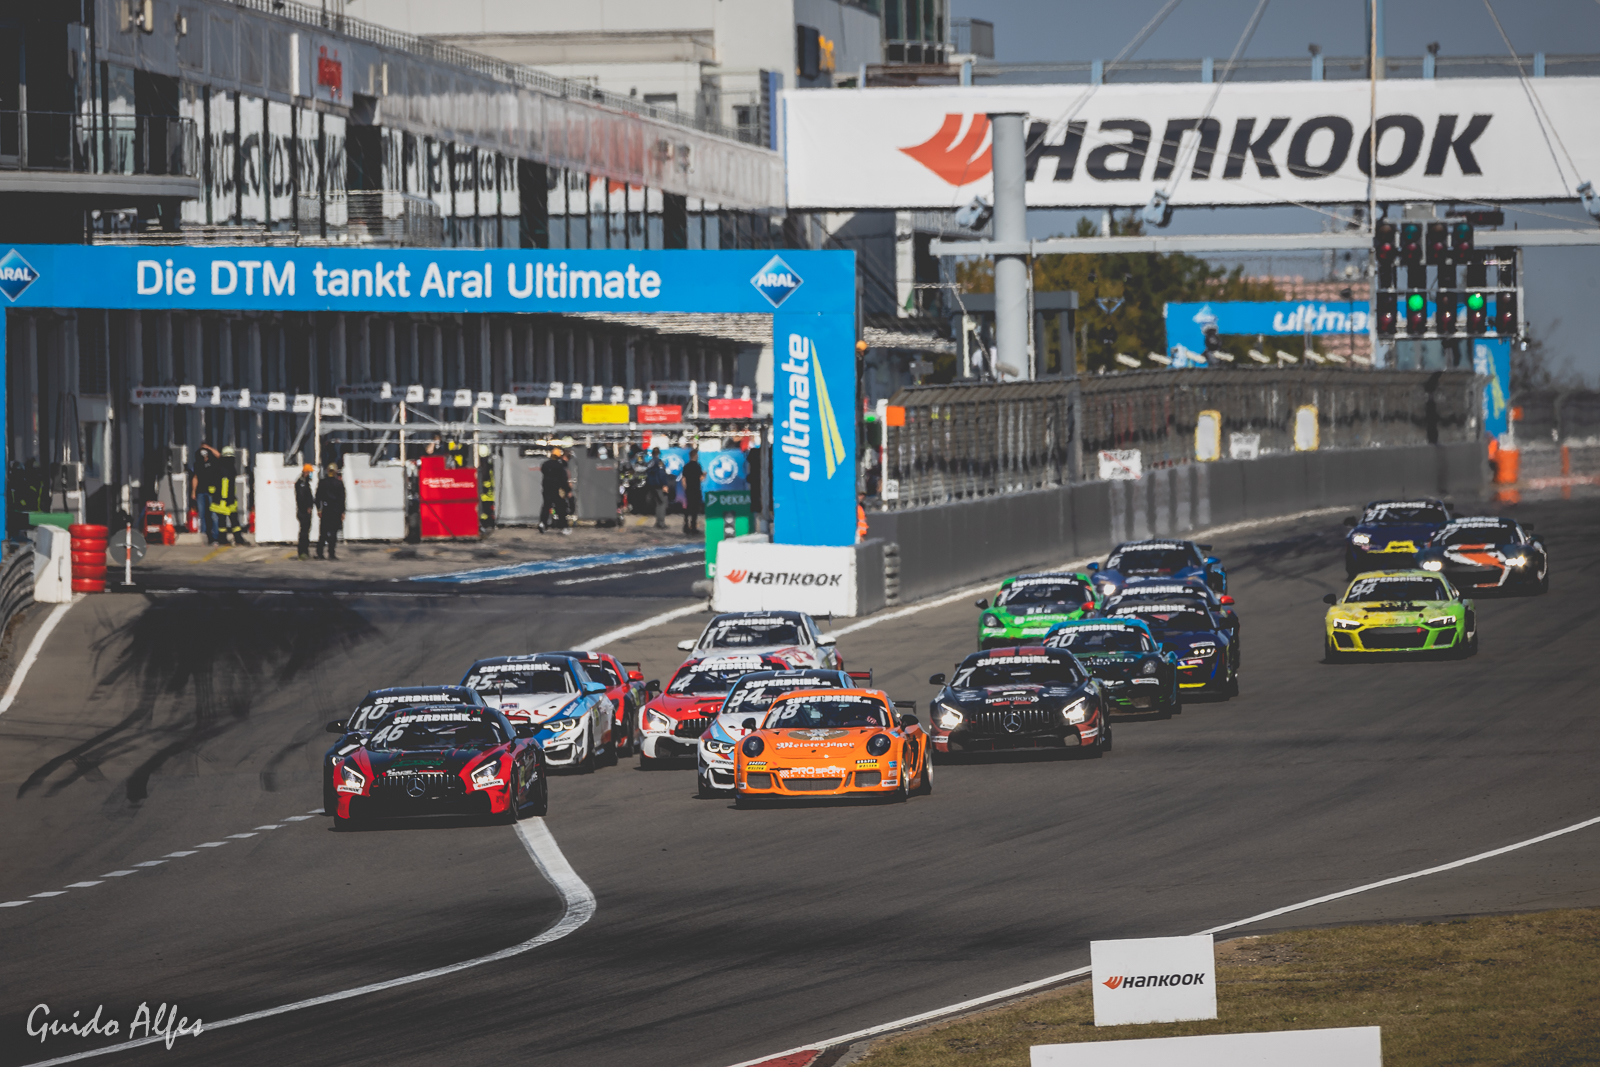 Nachwuchsserie DTM Trophy mit mindestens 21 seriennahen GT-Sportwagen